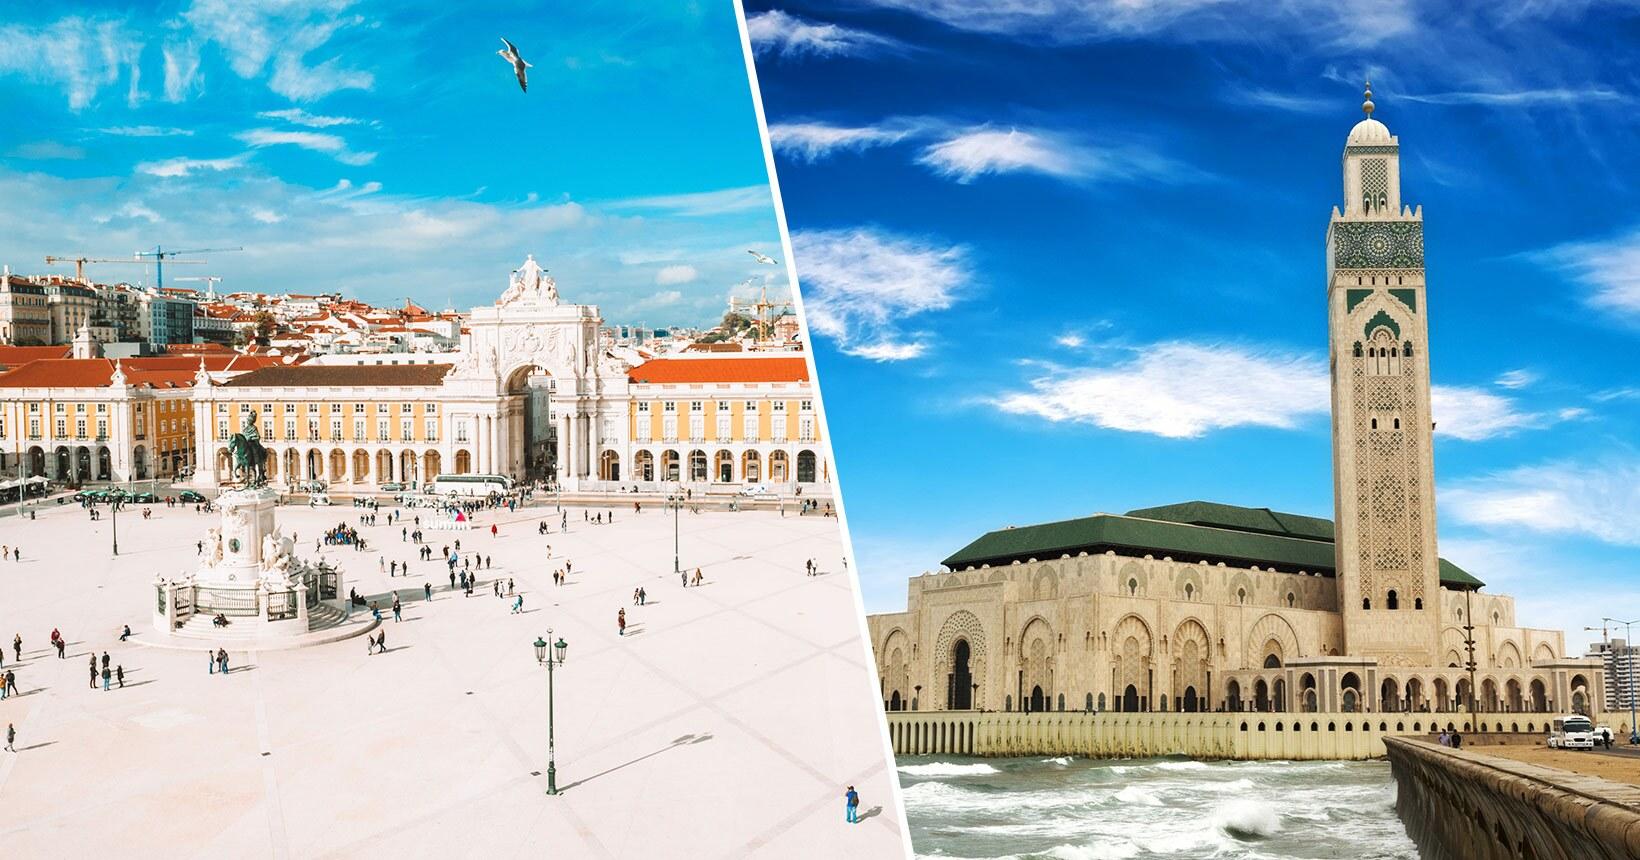 Portugal + Marrocos em Executiva! Voos para Casablanca mais Lisboa ou o Porto na mesma viagem a partir de R$ 2.958, saindo do Rio ou São Paulo!